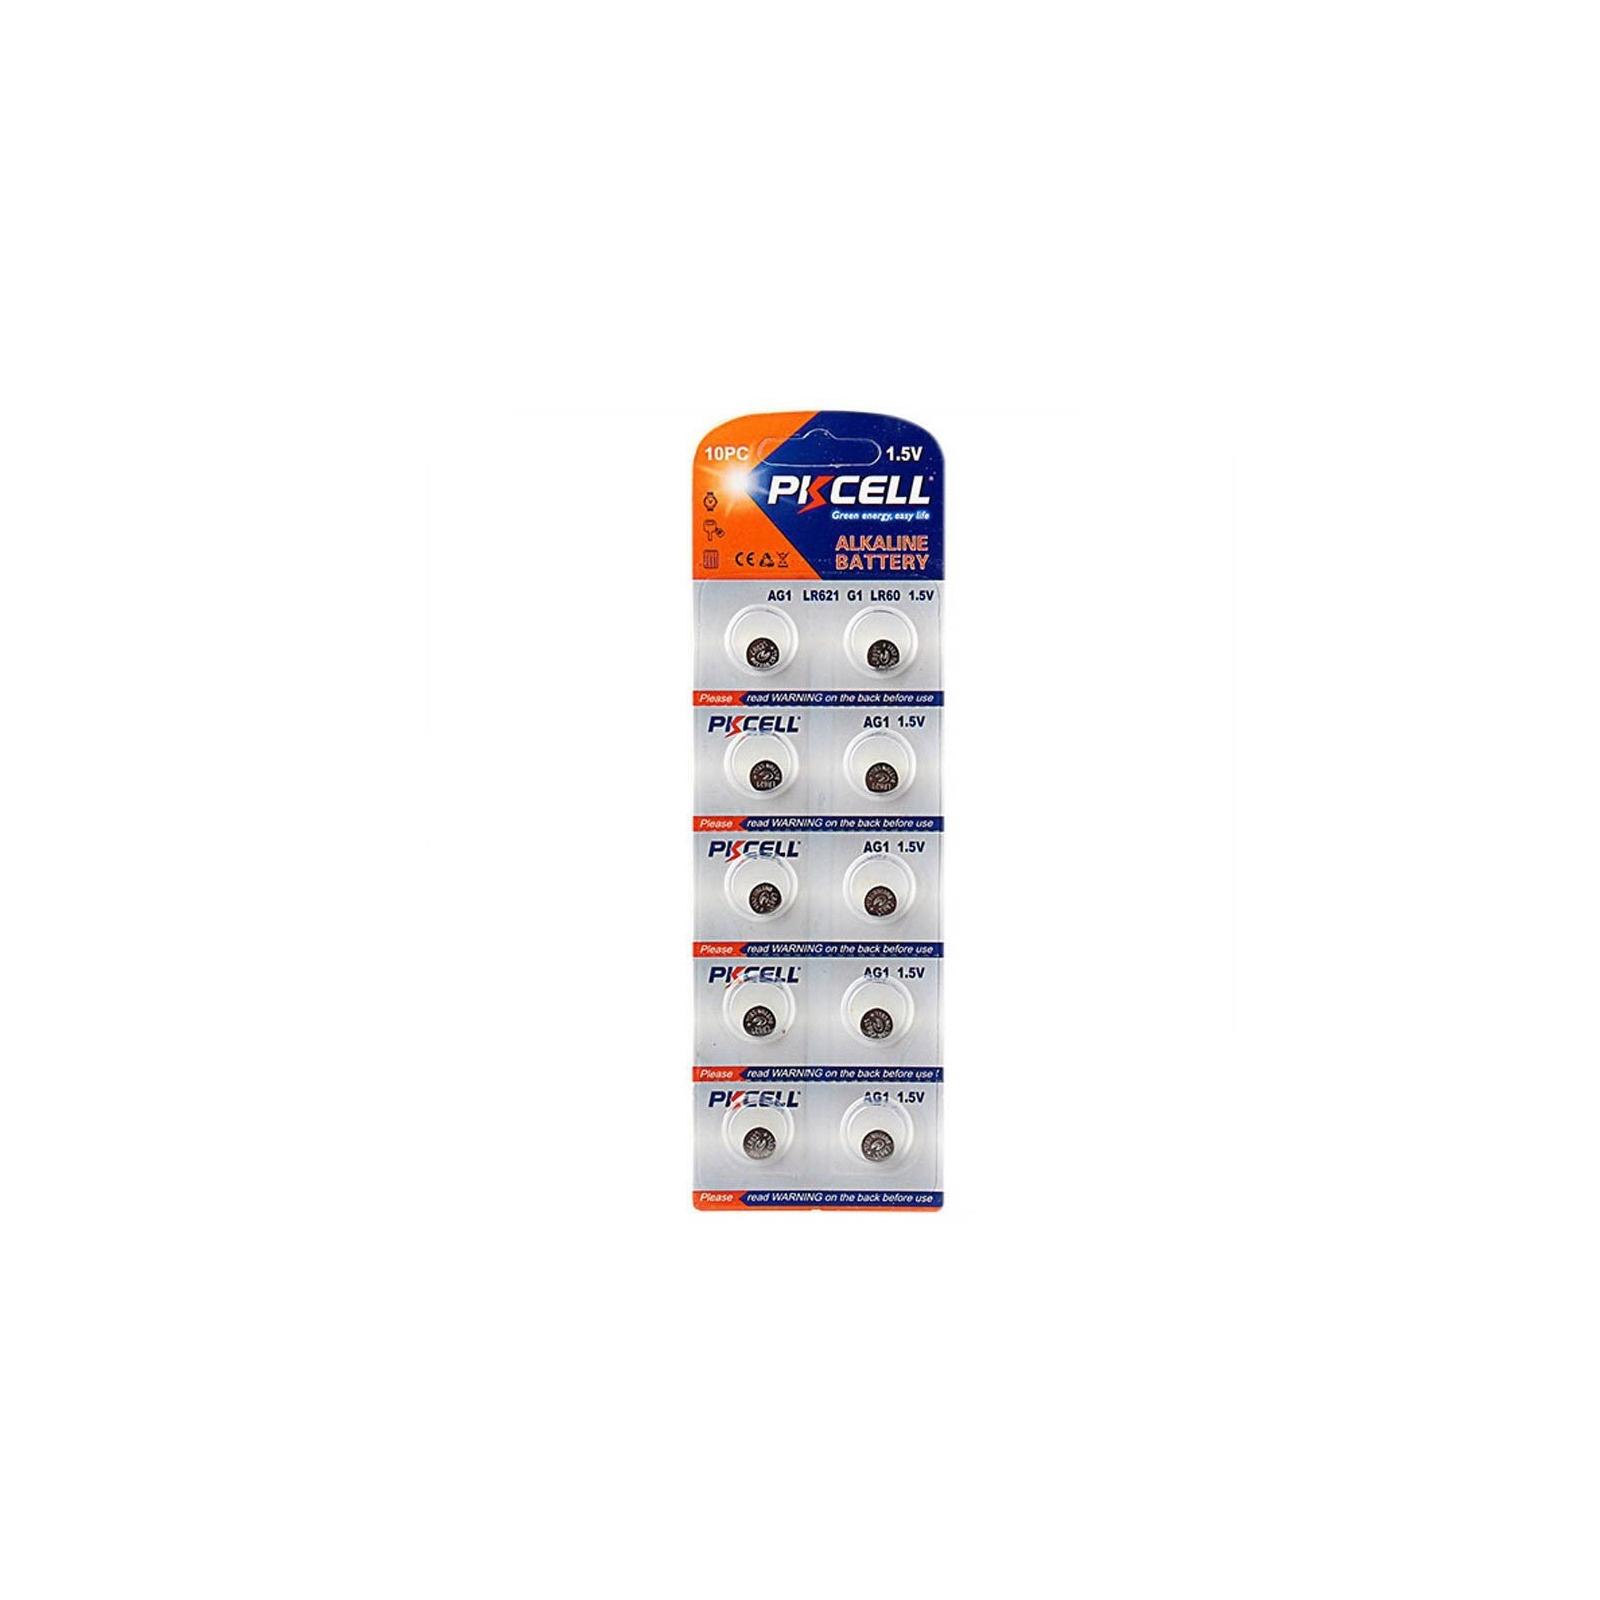 10 Piles Bouton AG1 Super Alcaline 1.5V PKCell